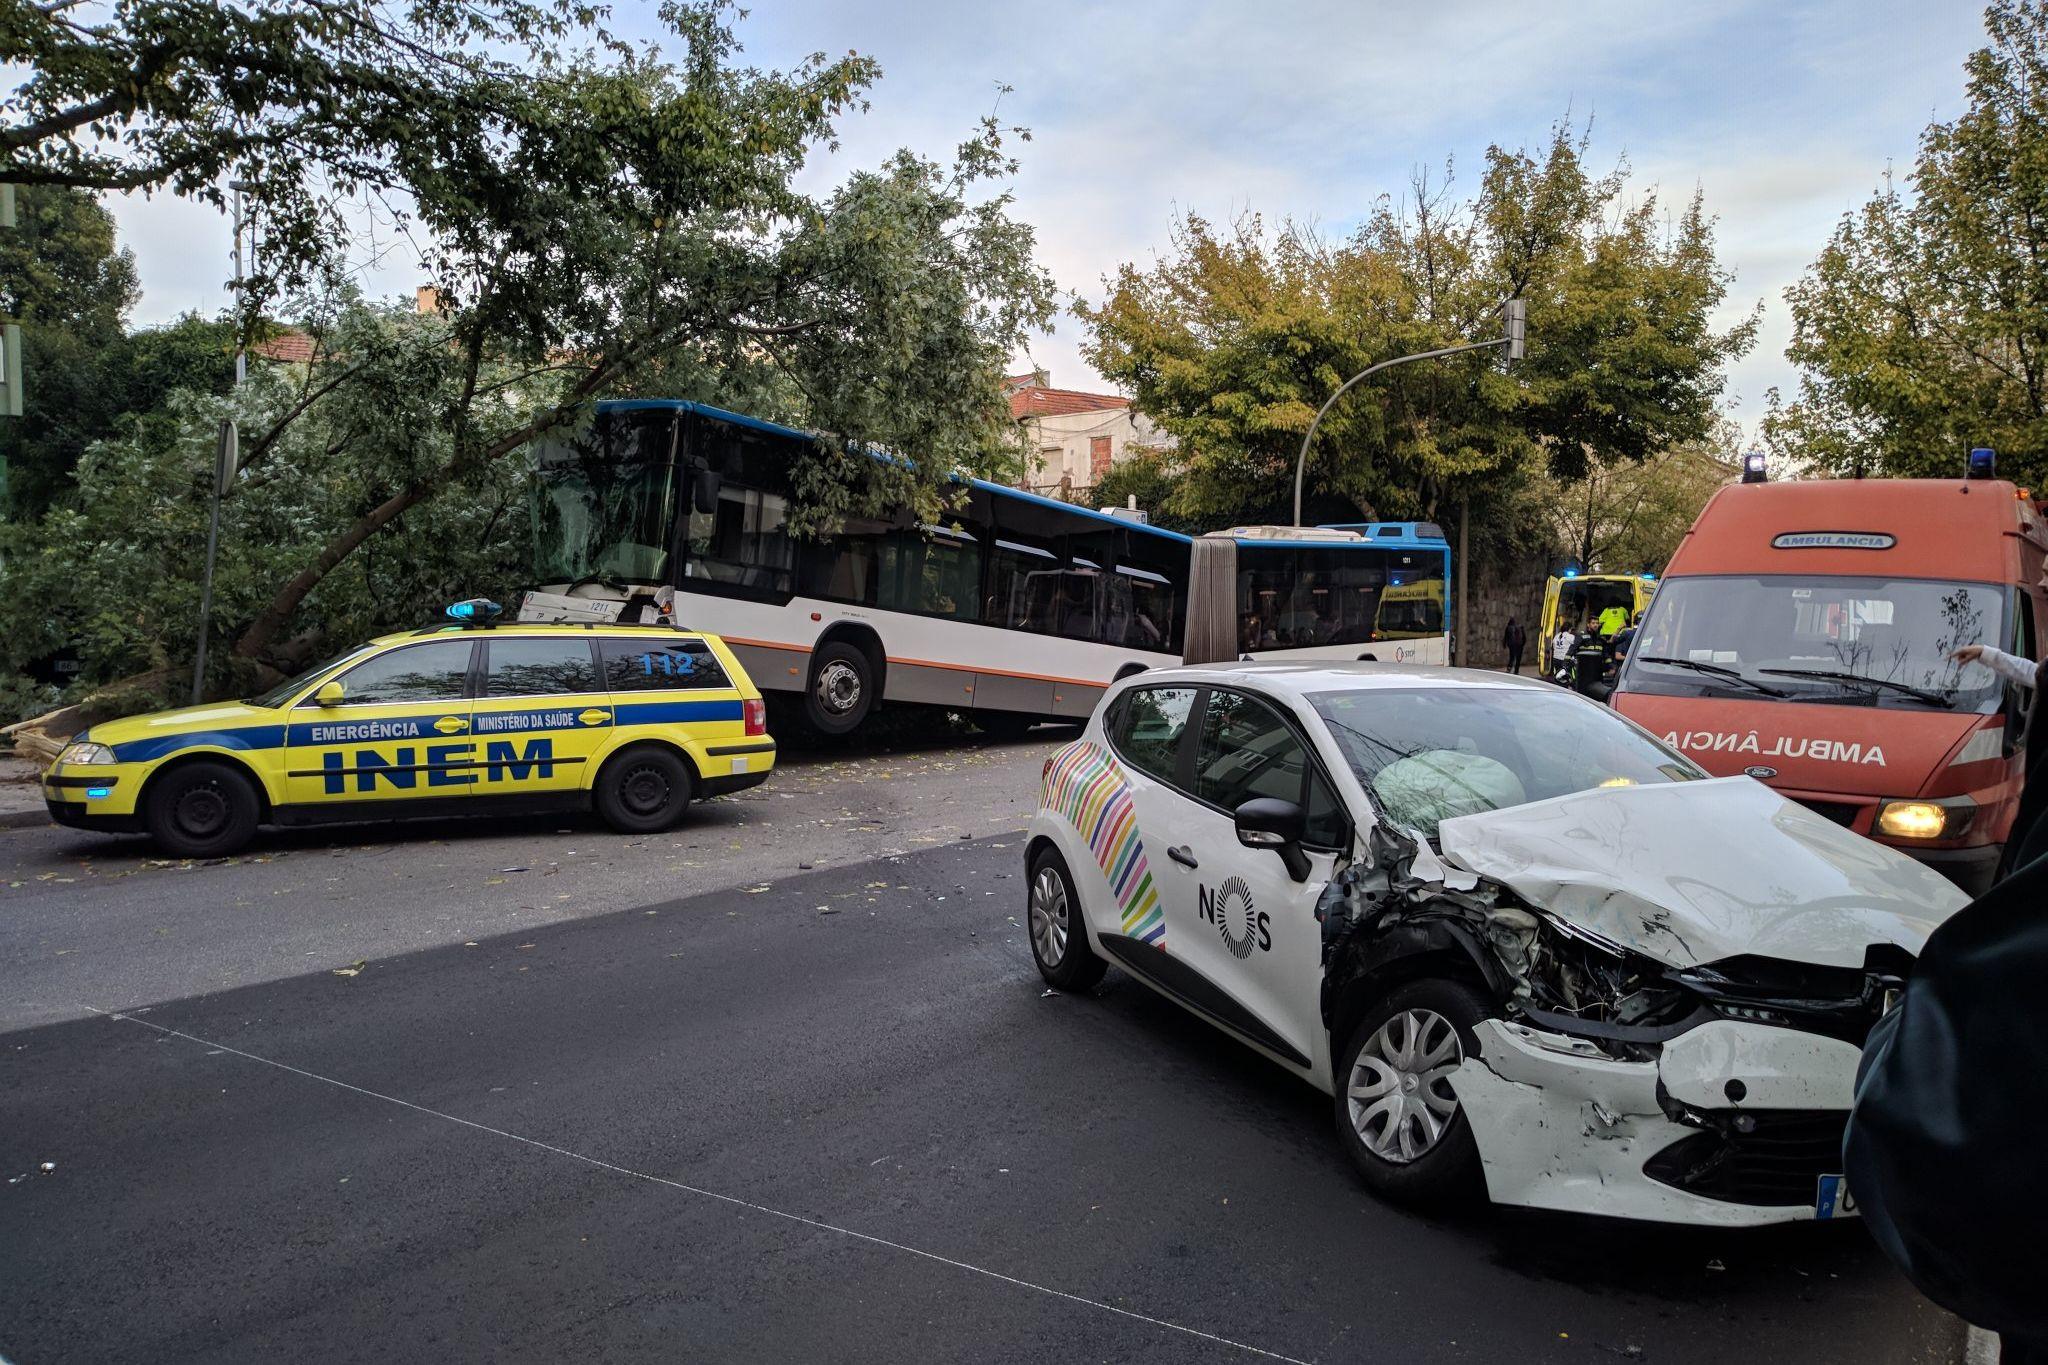 Acidente com autocarro no Porto causa onze feridos, três deles graves